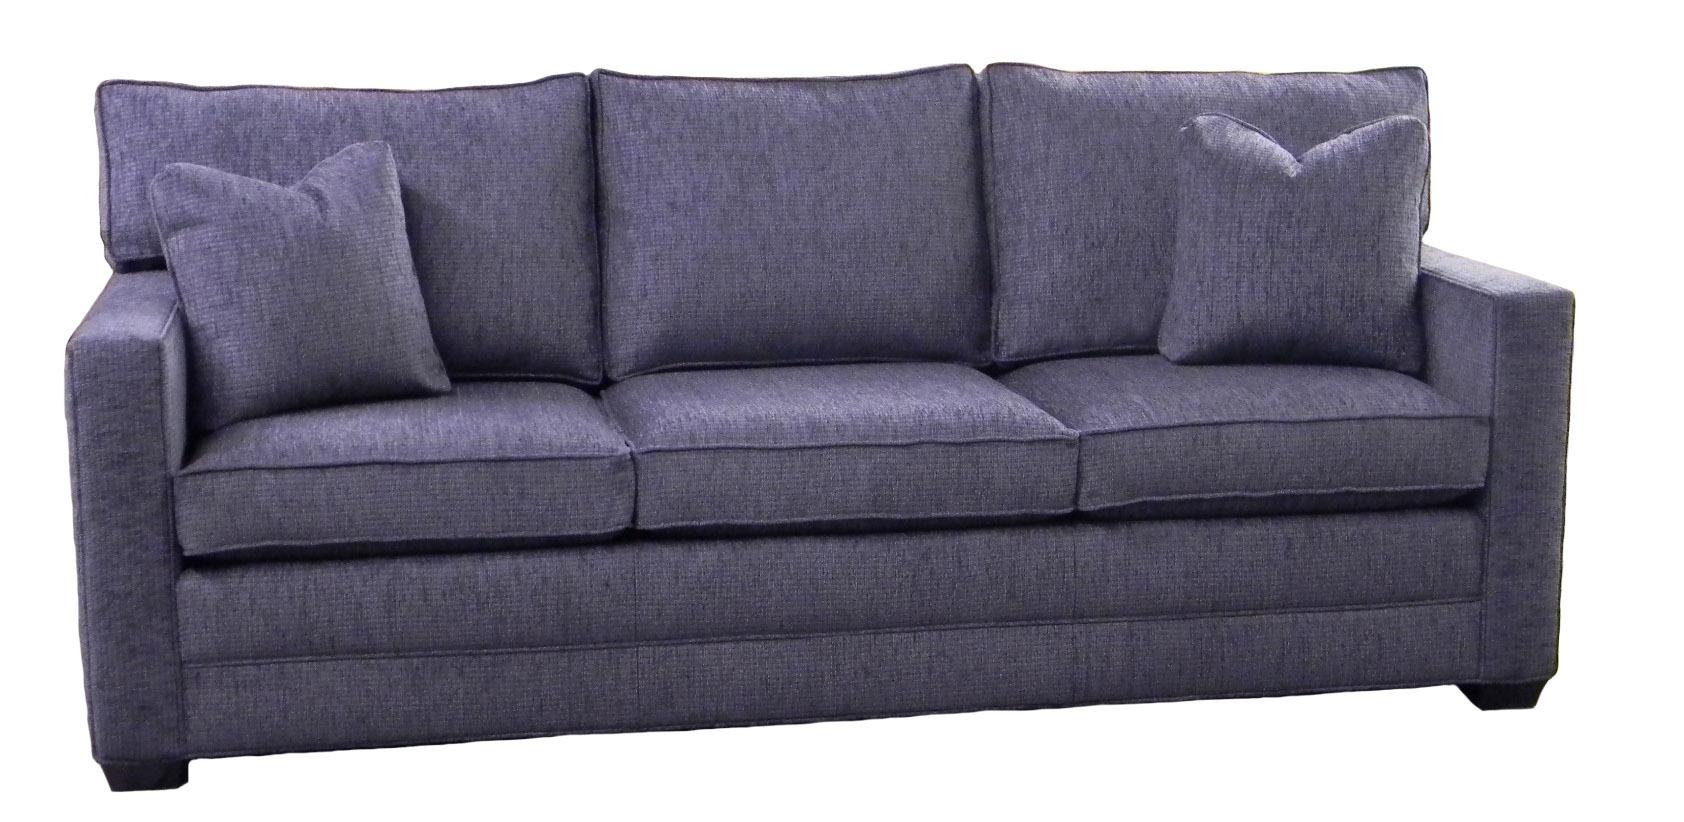 Spenser Sofa